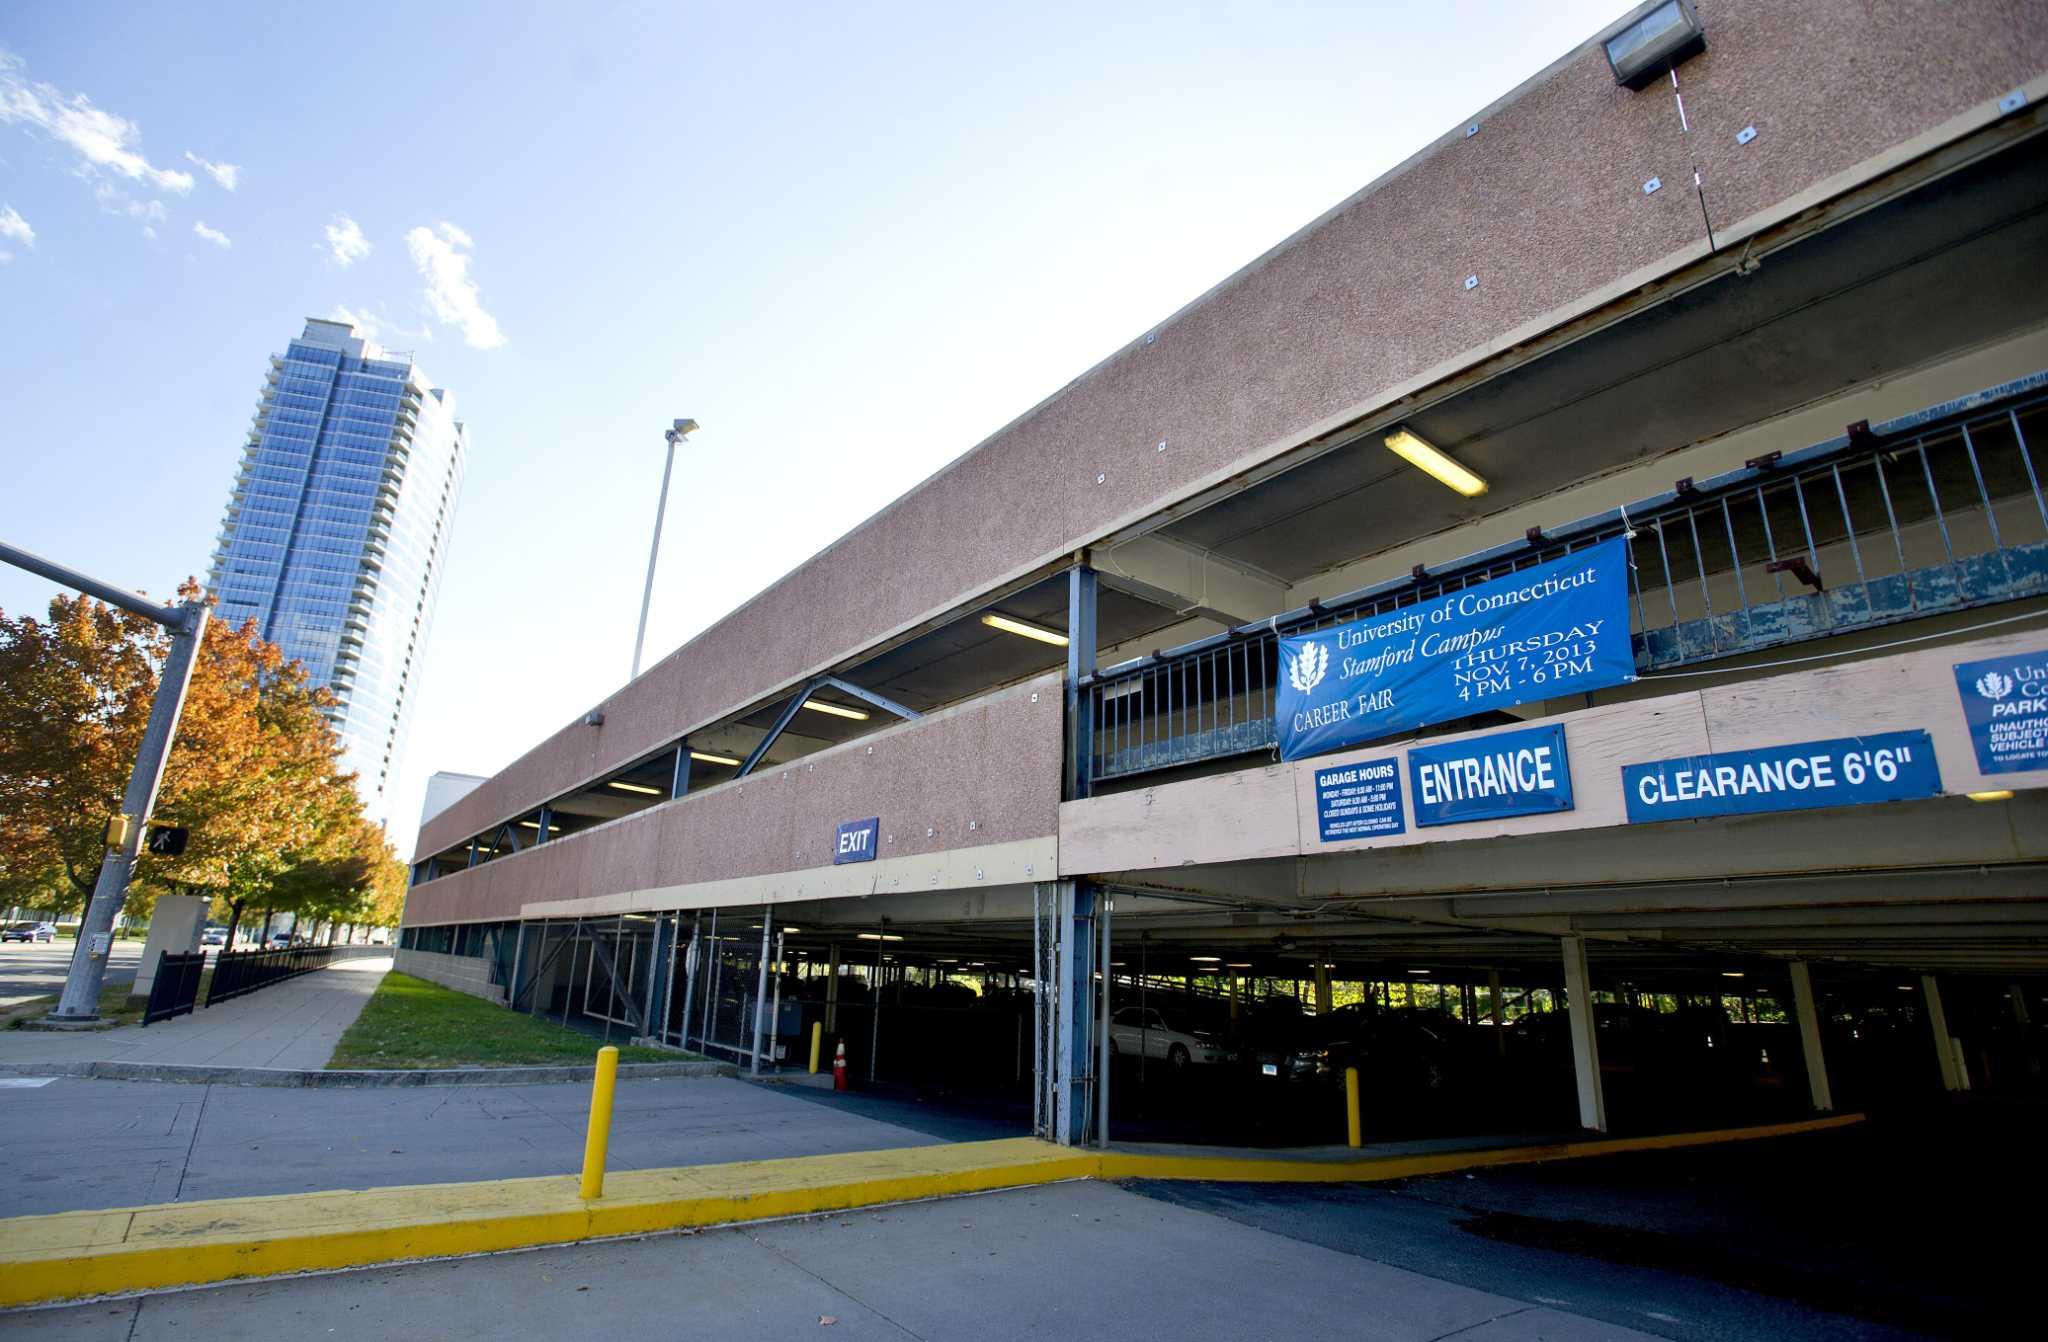 UConn Stamford garage demolition raises questions NewsTimes